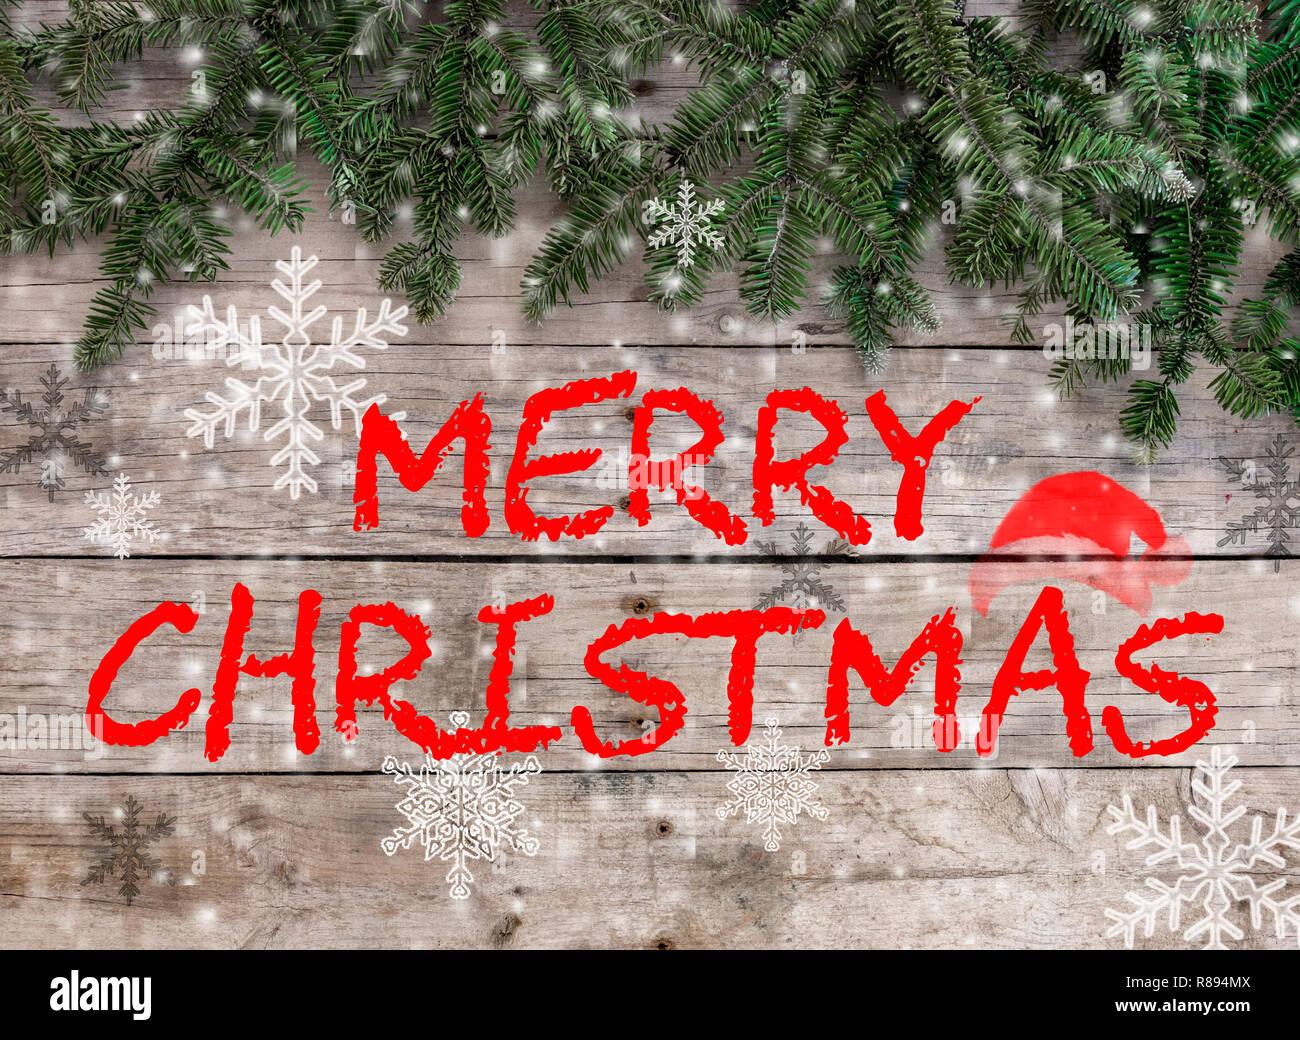 Frohe Weihnachten Rahmen.Weihnachten Postkarte Rahmen Auf Holz Hintergrund Fur Die